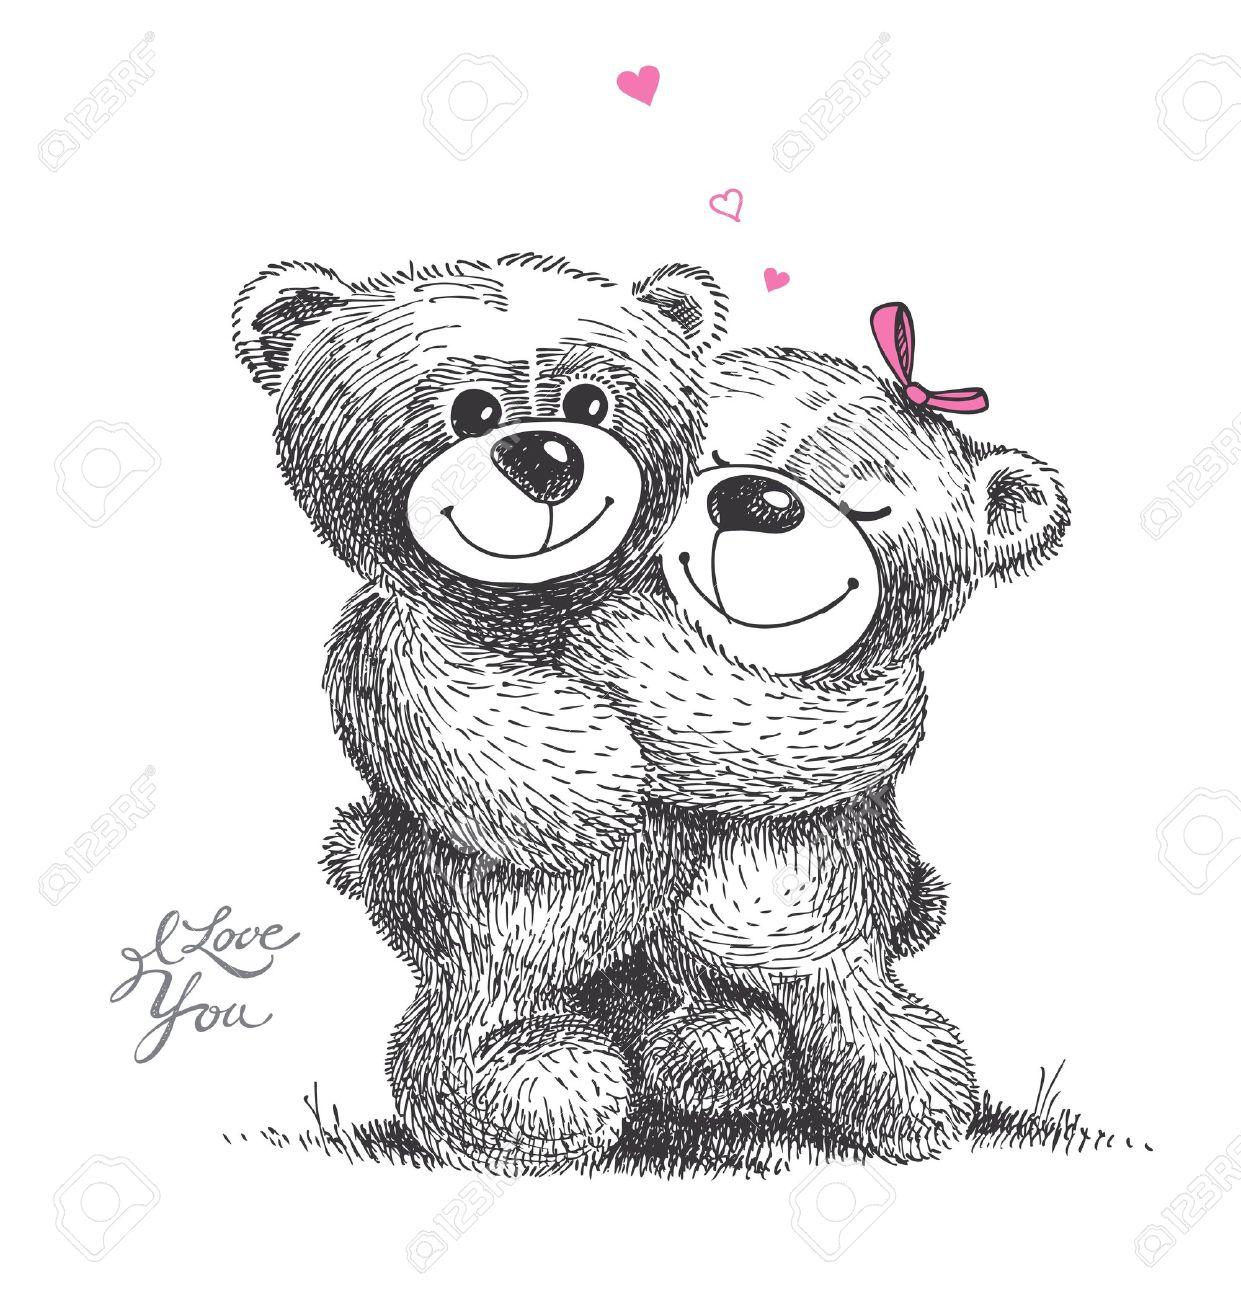 cute teddy bear stock photos royalty free cute teddy bear images